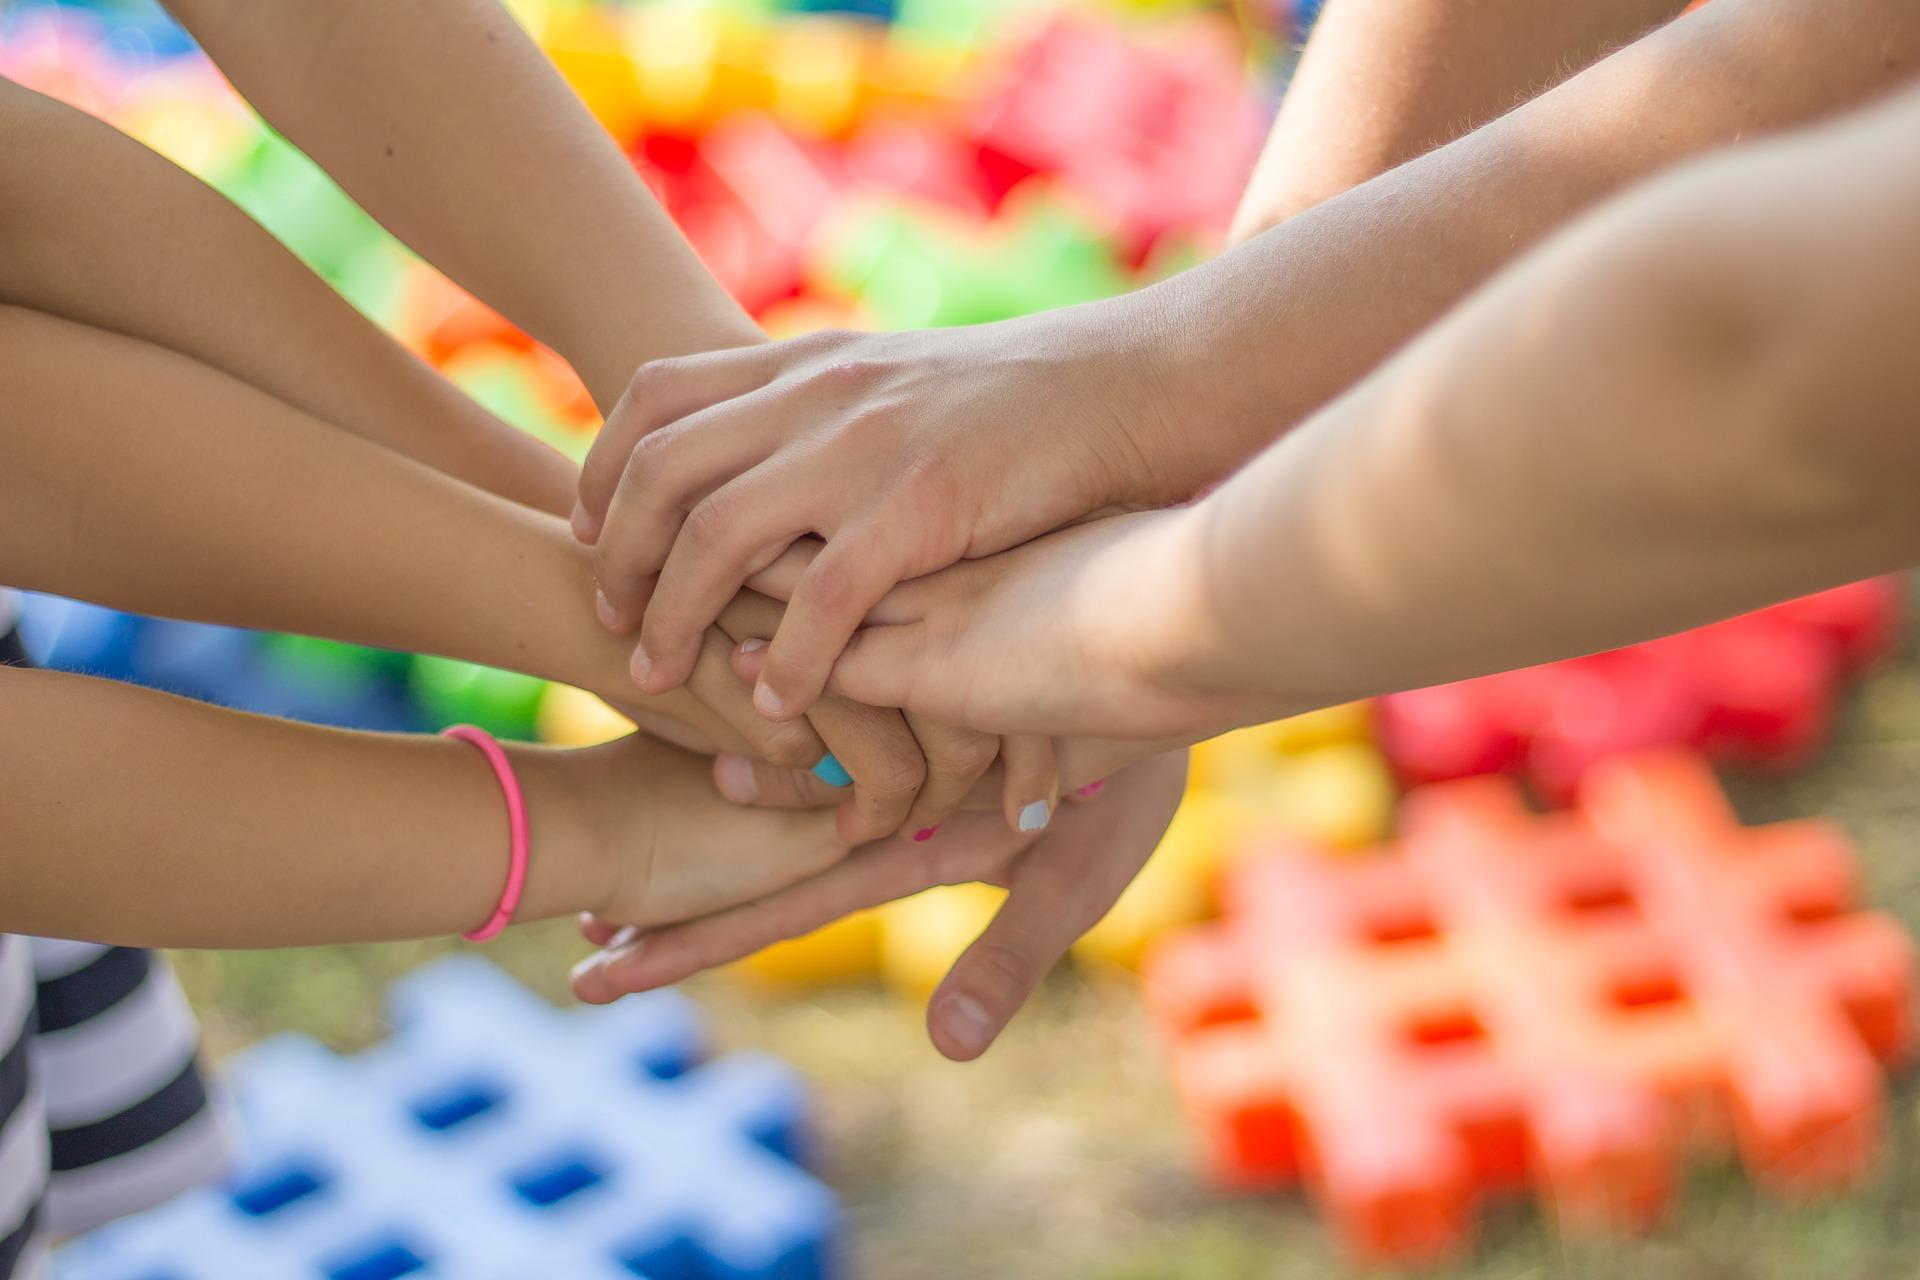 Tajne szyfry, kody i matematyczne zagadki czekają na dzieci